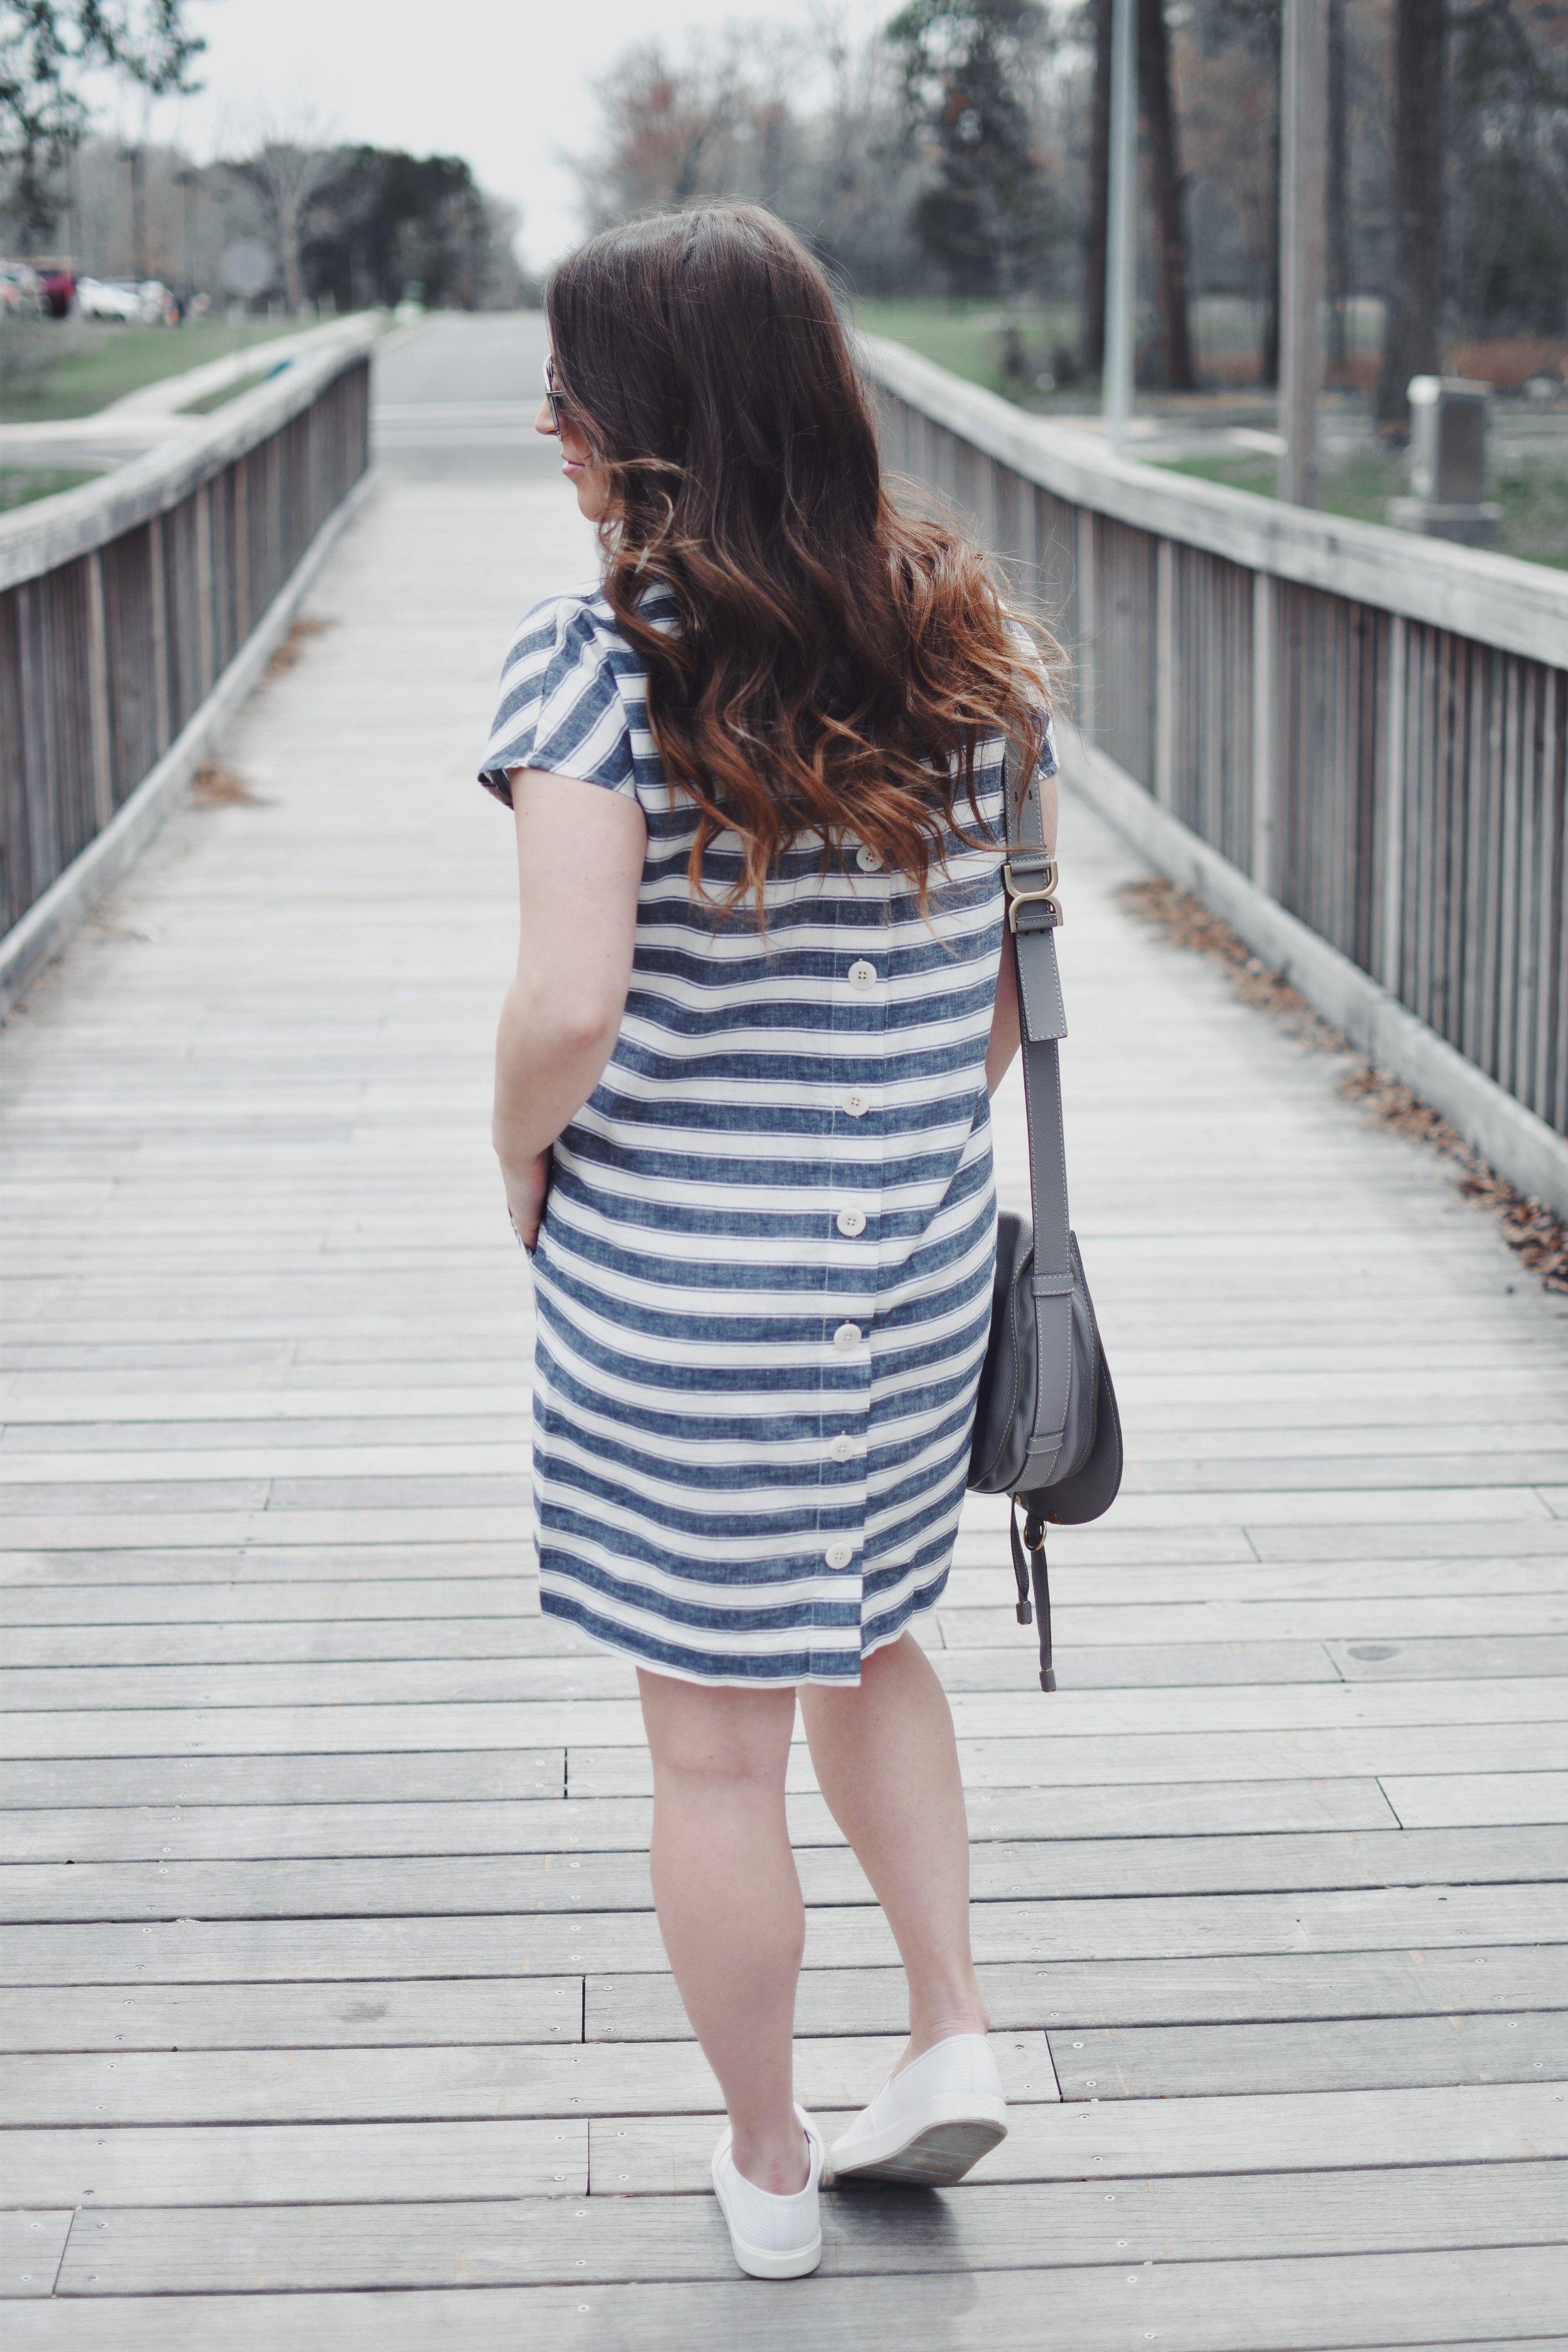 Striped Linen Dress | Pine Barren Beauty | spring fashion, spring outfit, spring feels, striped dress, linen dress, Vince slip on sneakers, Chloe cross body bag